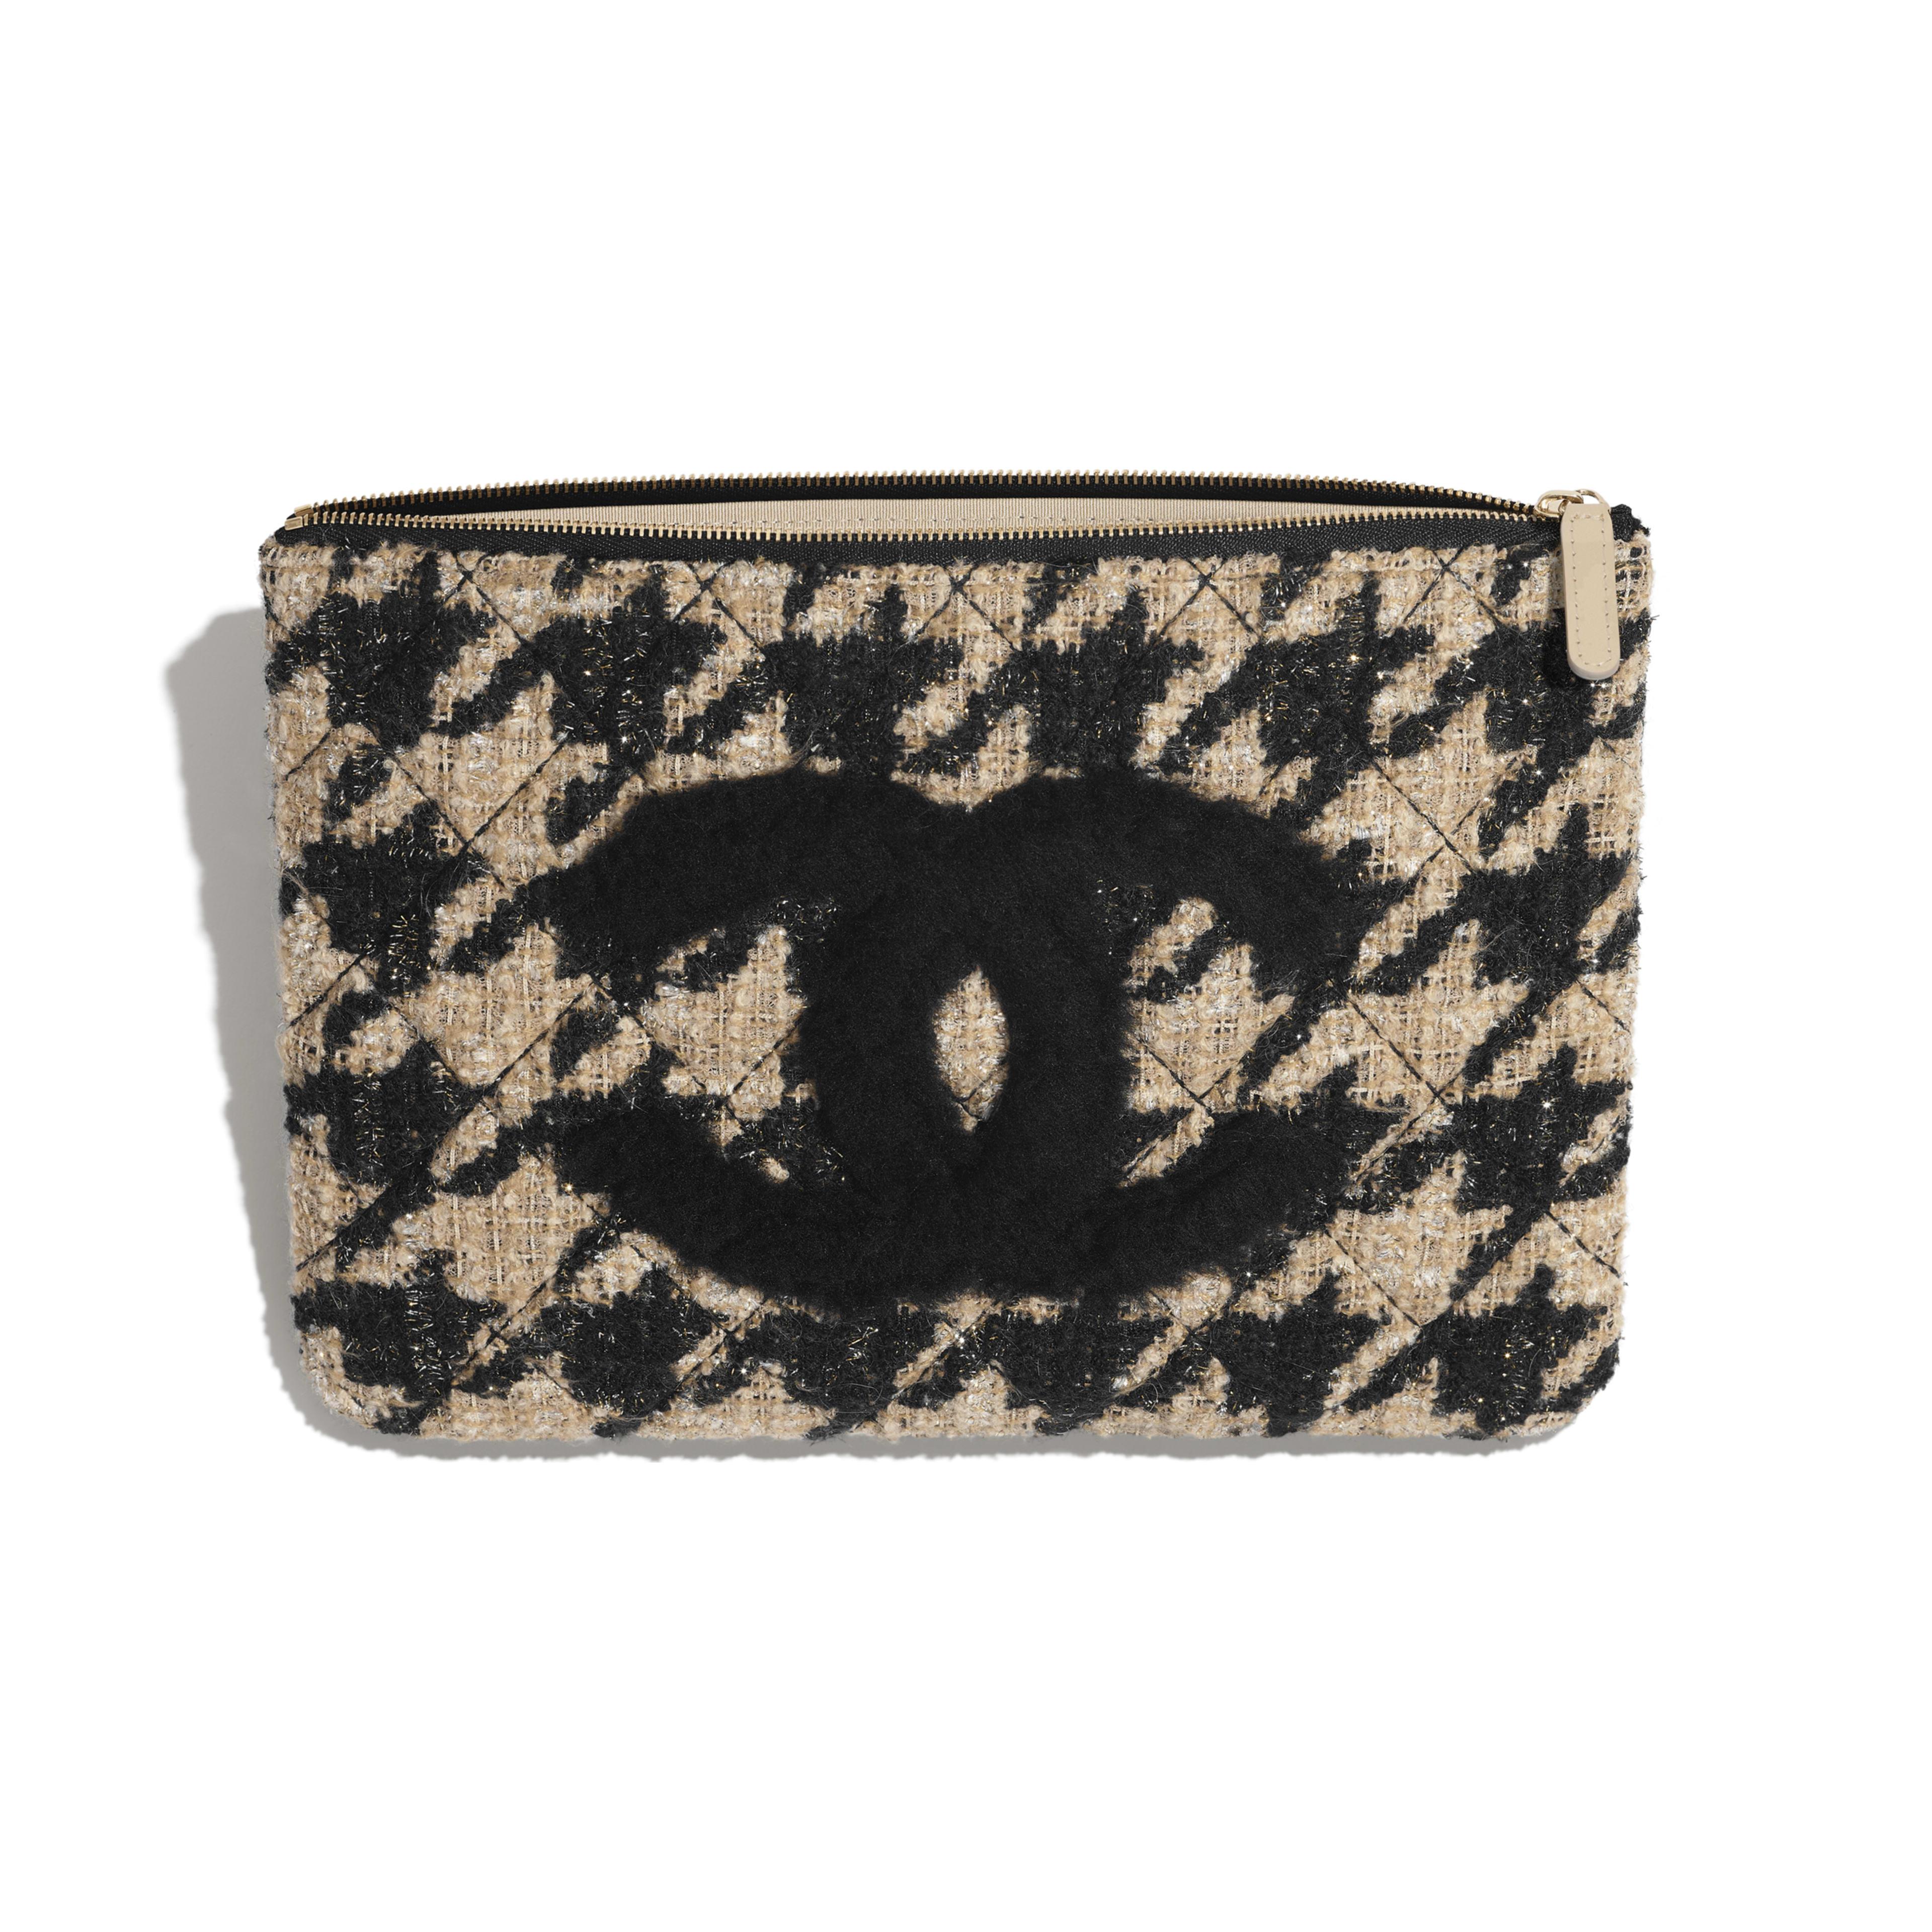 กระเป๋าเพาช์ - สีดำและสีเบจ - ผ้าทวีต หนังแกะเชียร์ลิ่ง และโลหะสีทอง - มุมมองอื่น - ดูเวอร์ชันขนาดเต็ม